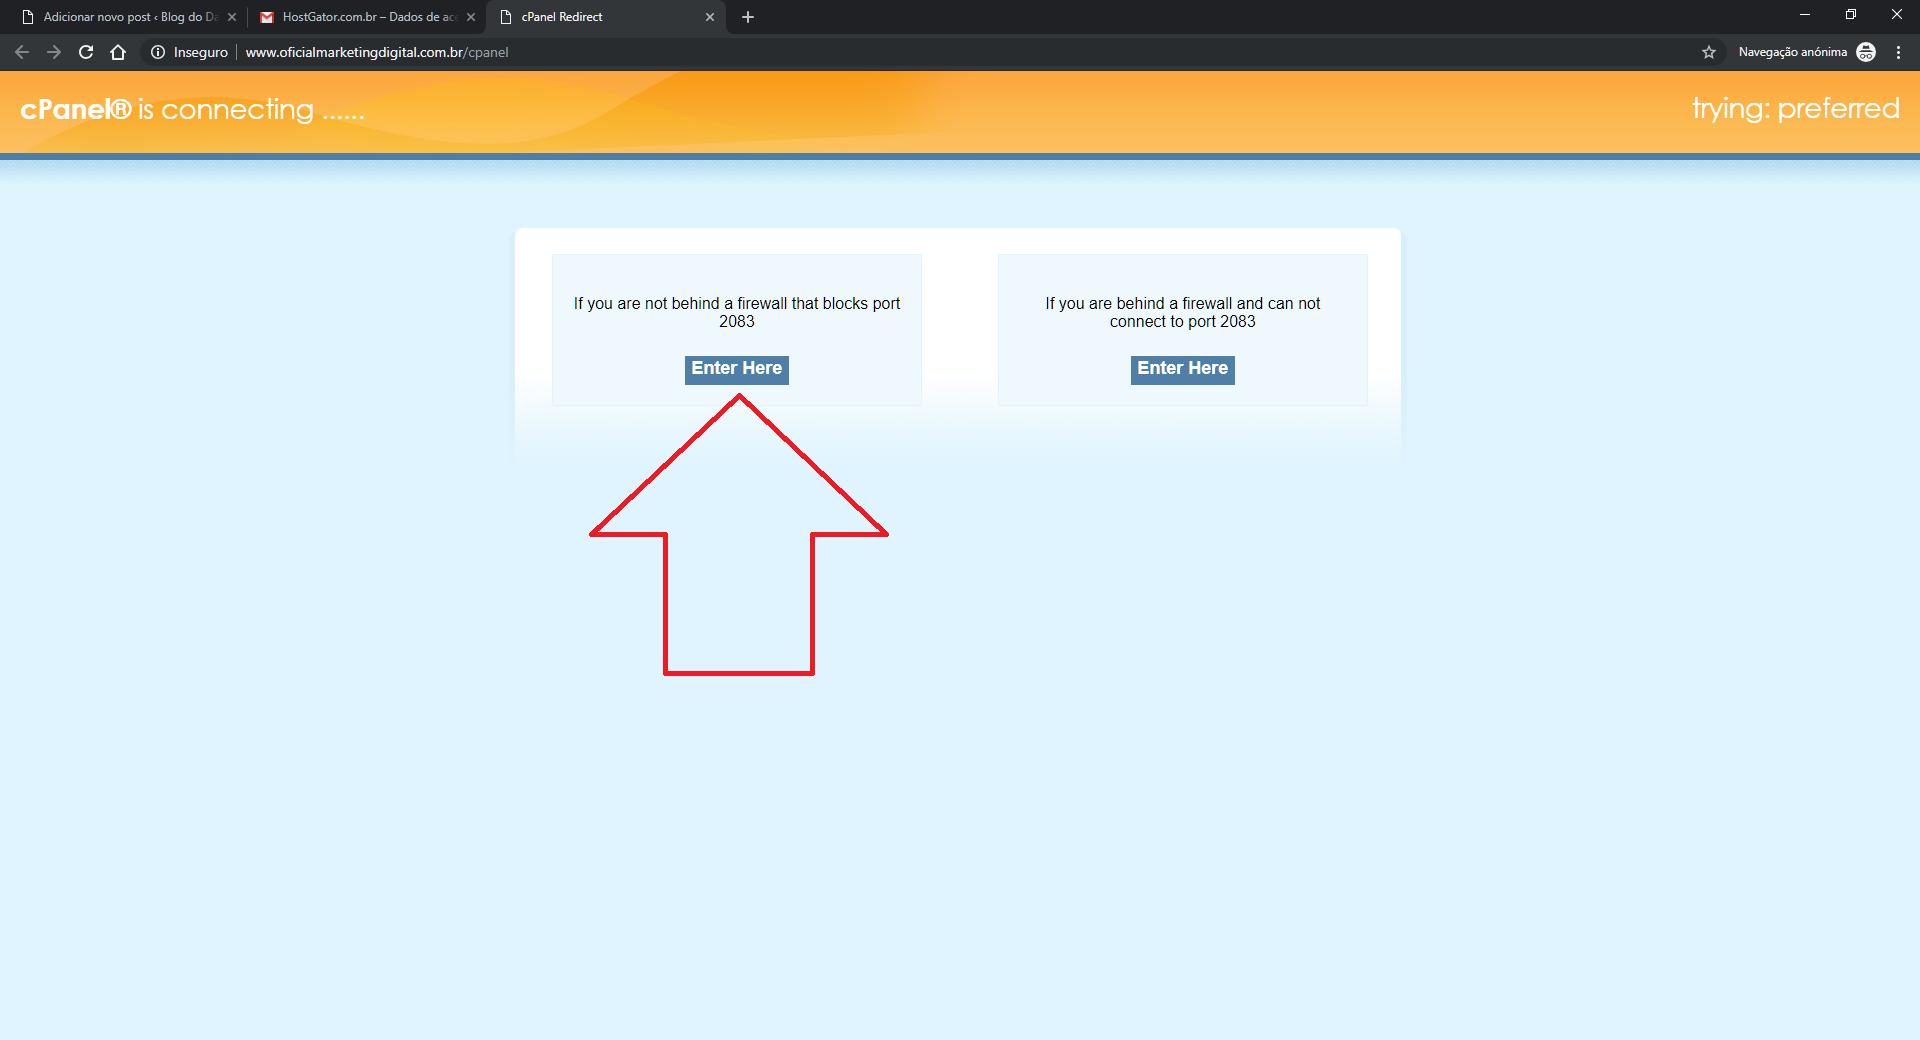 Redirecionar acesso ao host do host